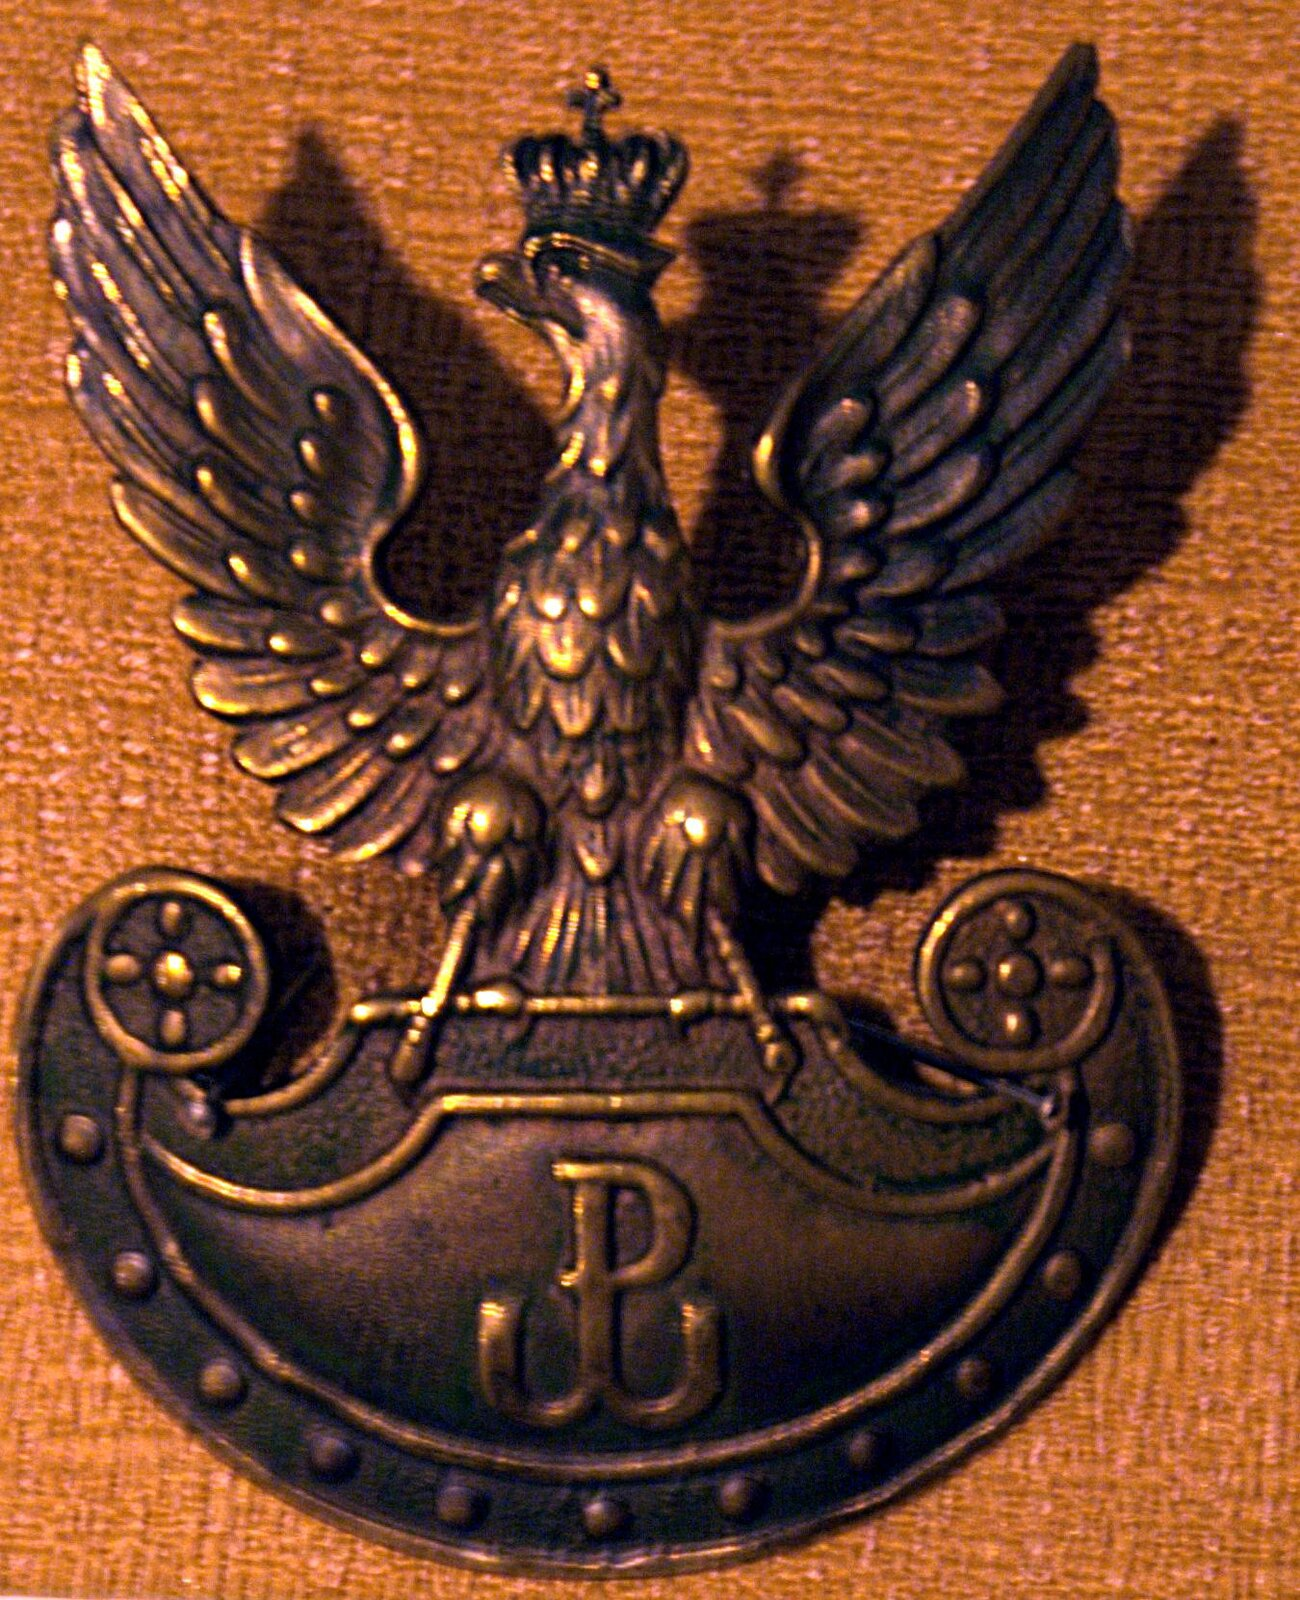 Mosiężny orzełek Armii Krajowej, bity wlatach 1942-45 Mosiężny orzełek Armii Krajowej, bity wlatach 1942-45 Źródło: Muzeum Hymnu Narodowego wBędominie, licencja: CC BY-ND 1.0.